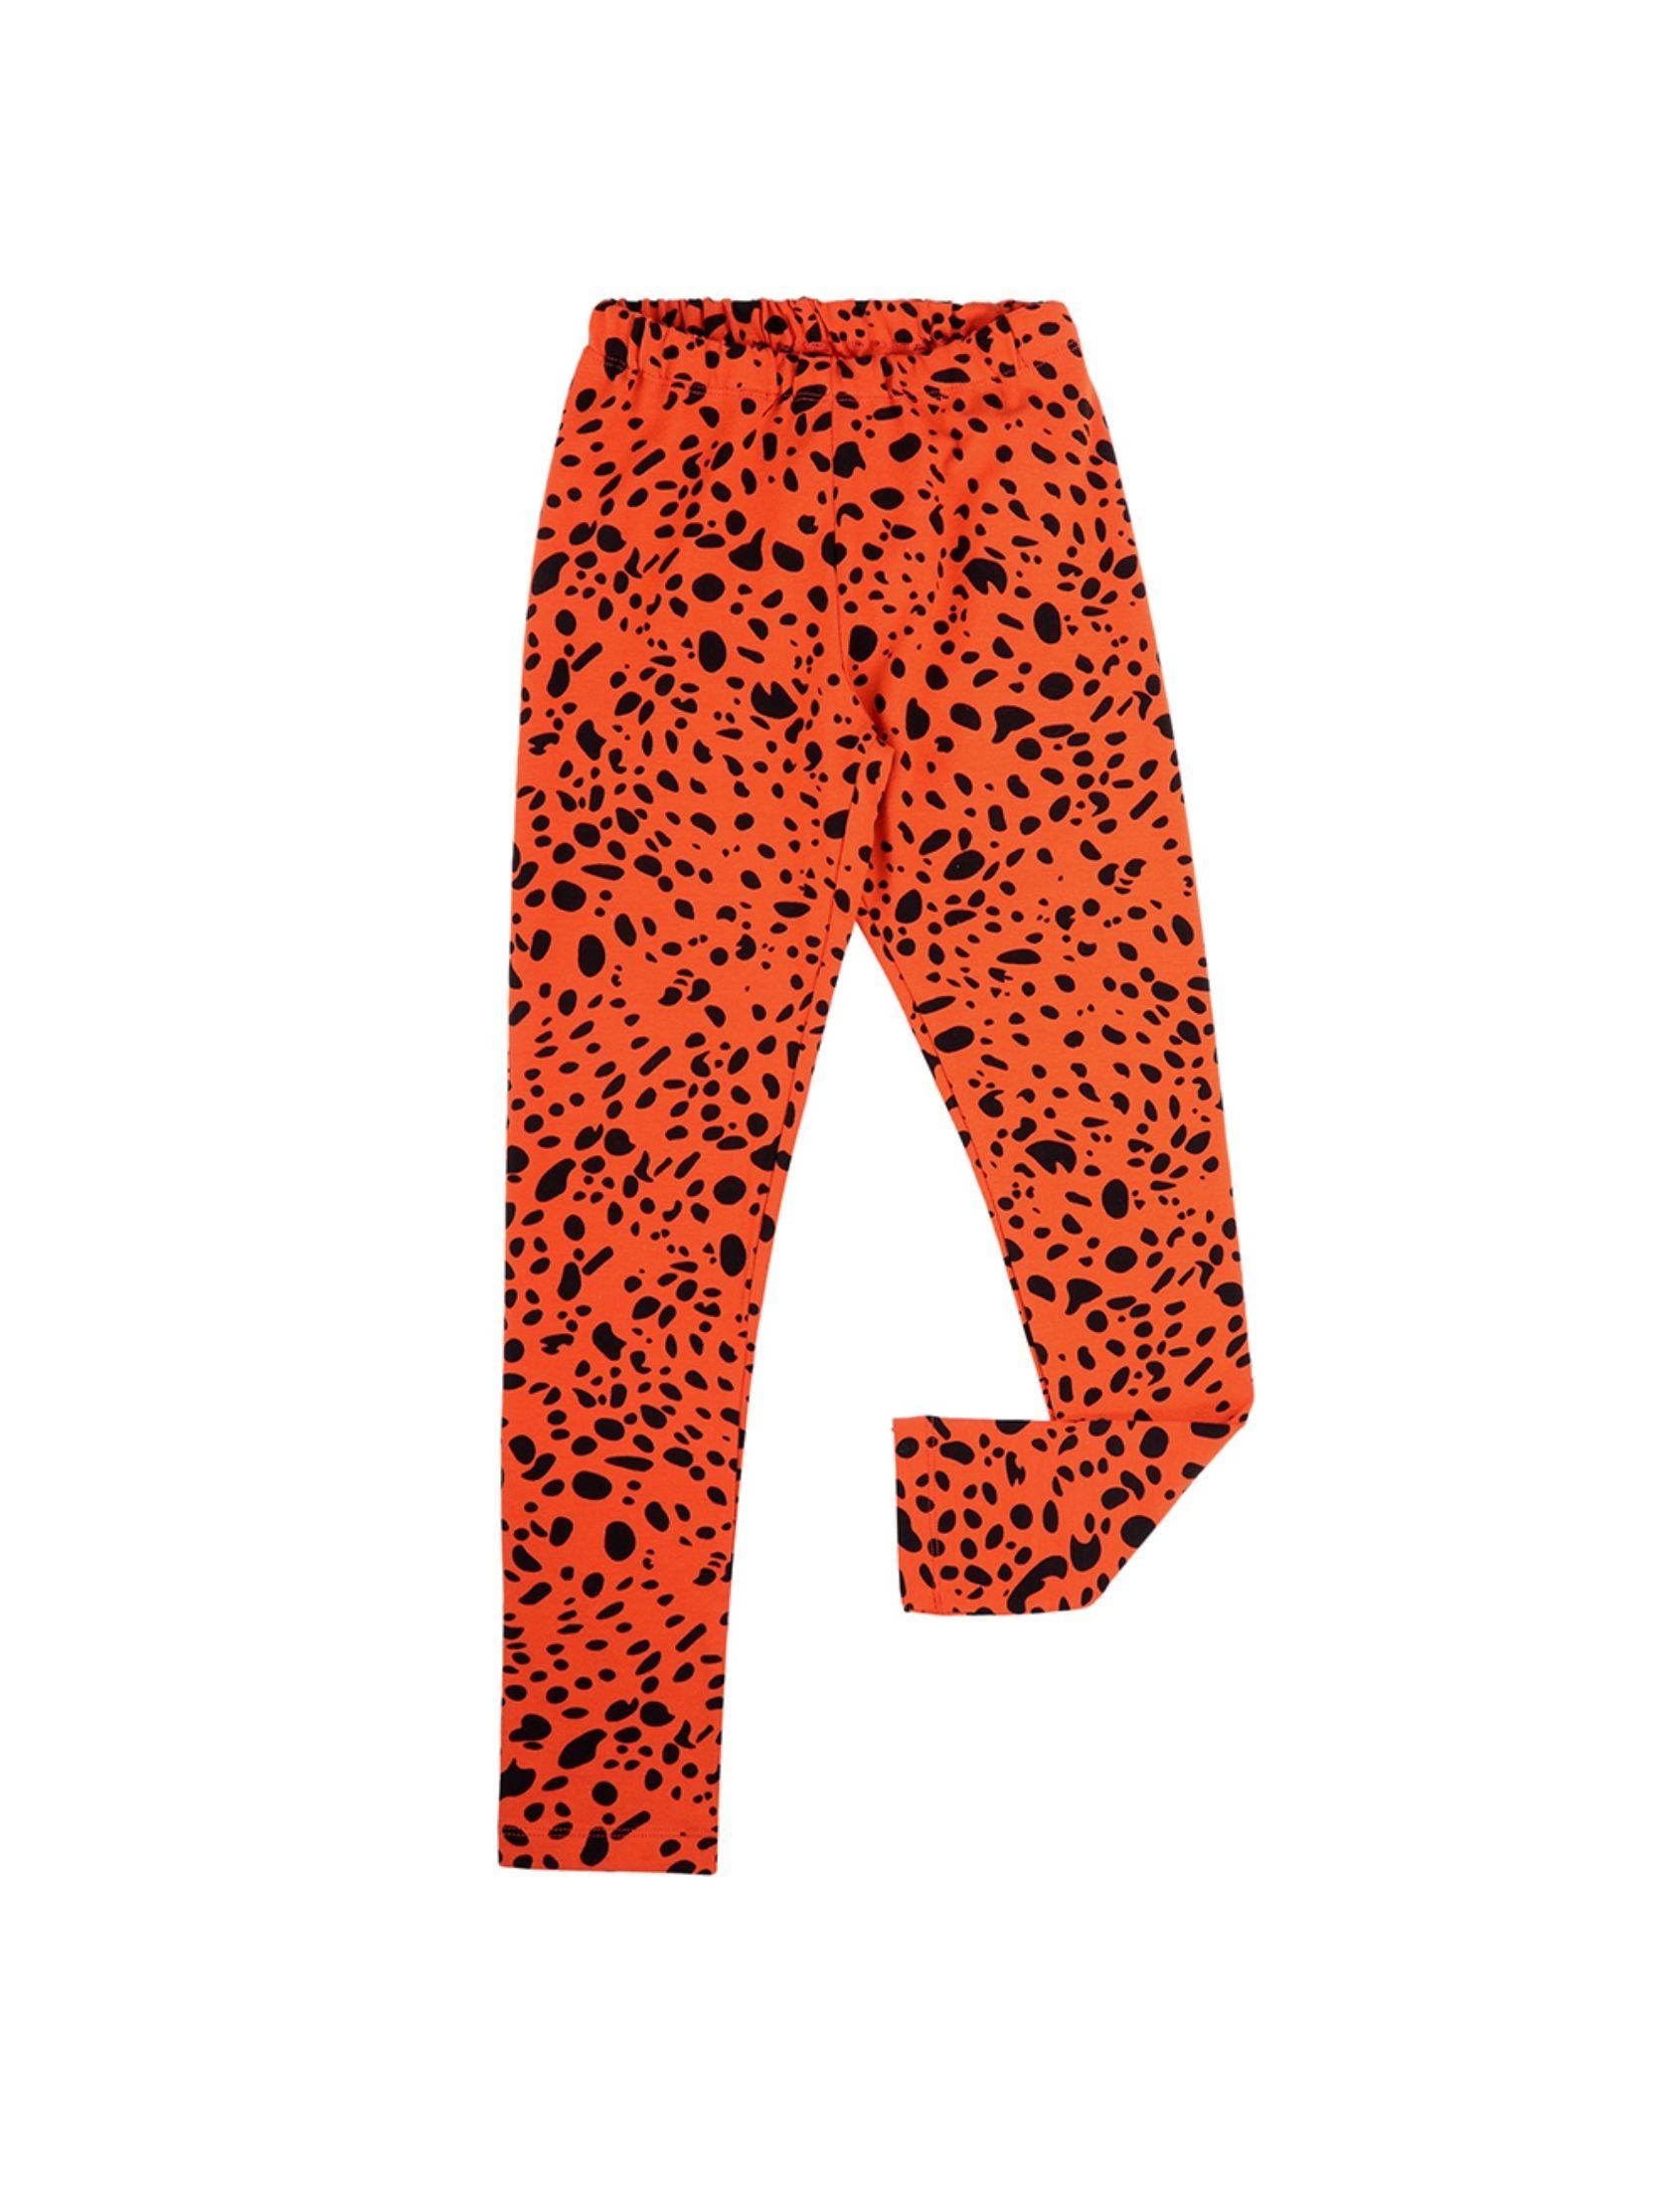 legging unisex para niño y niña con base roja y estampado animal print en negro de carlijnq